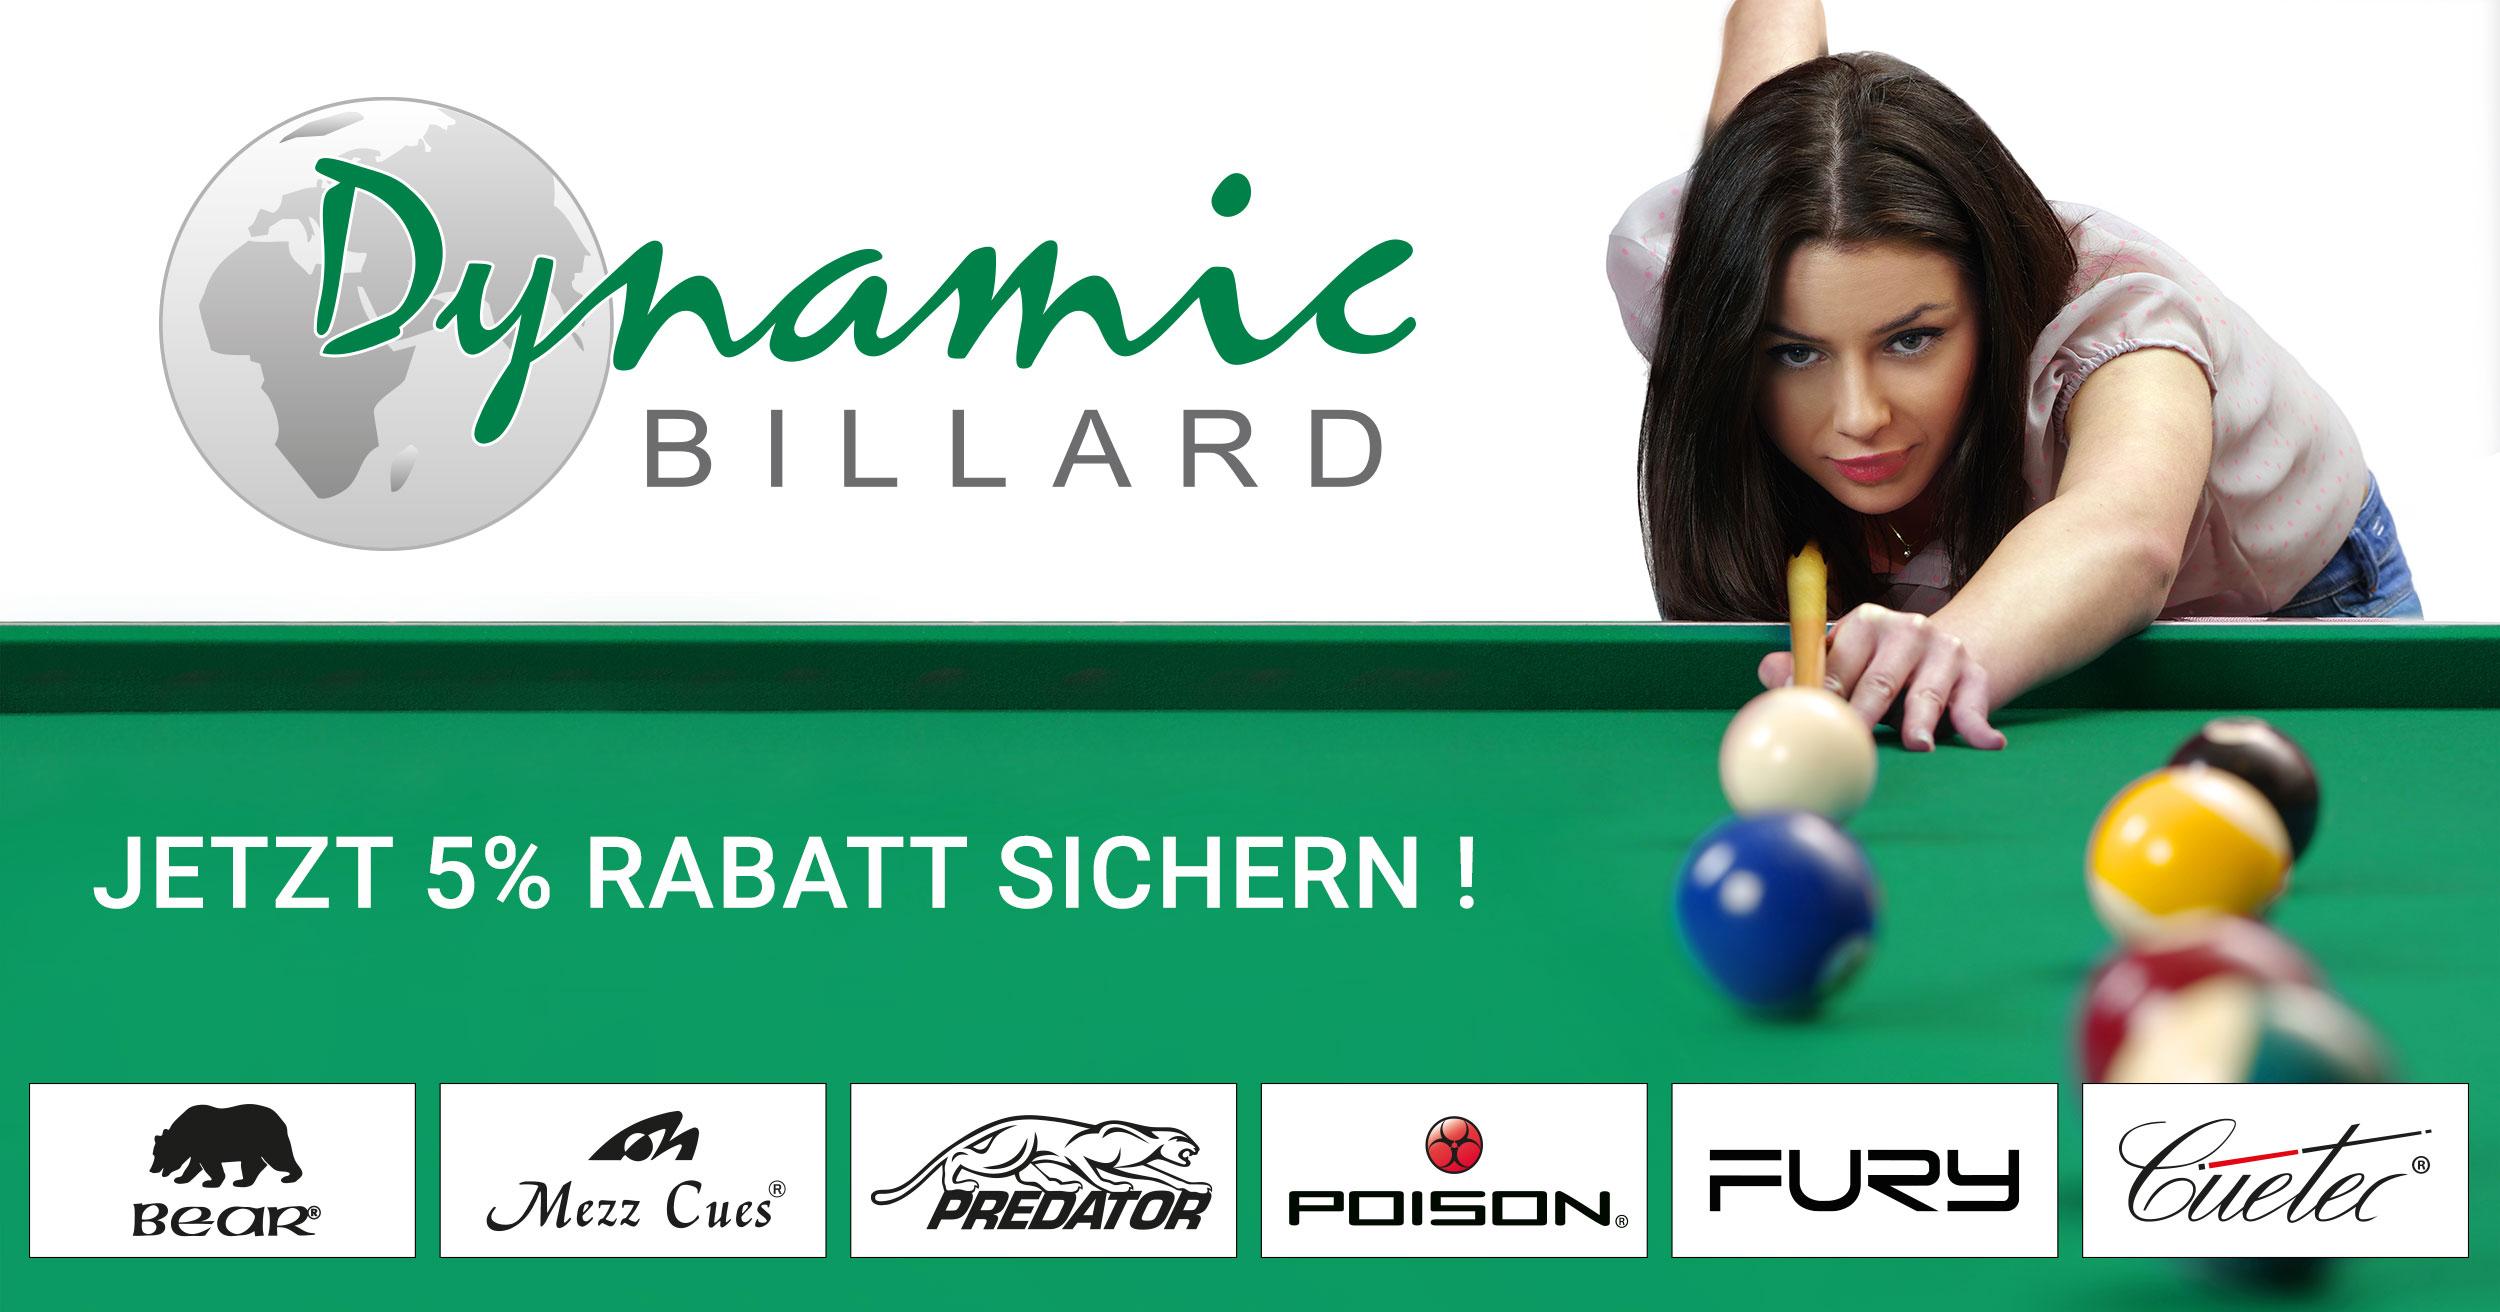 Dynamic Billard Shop - Cues, Billiard Tables & Accessories